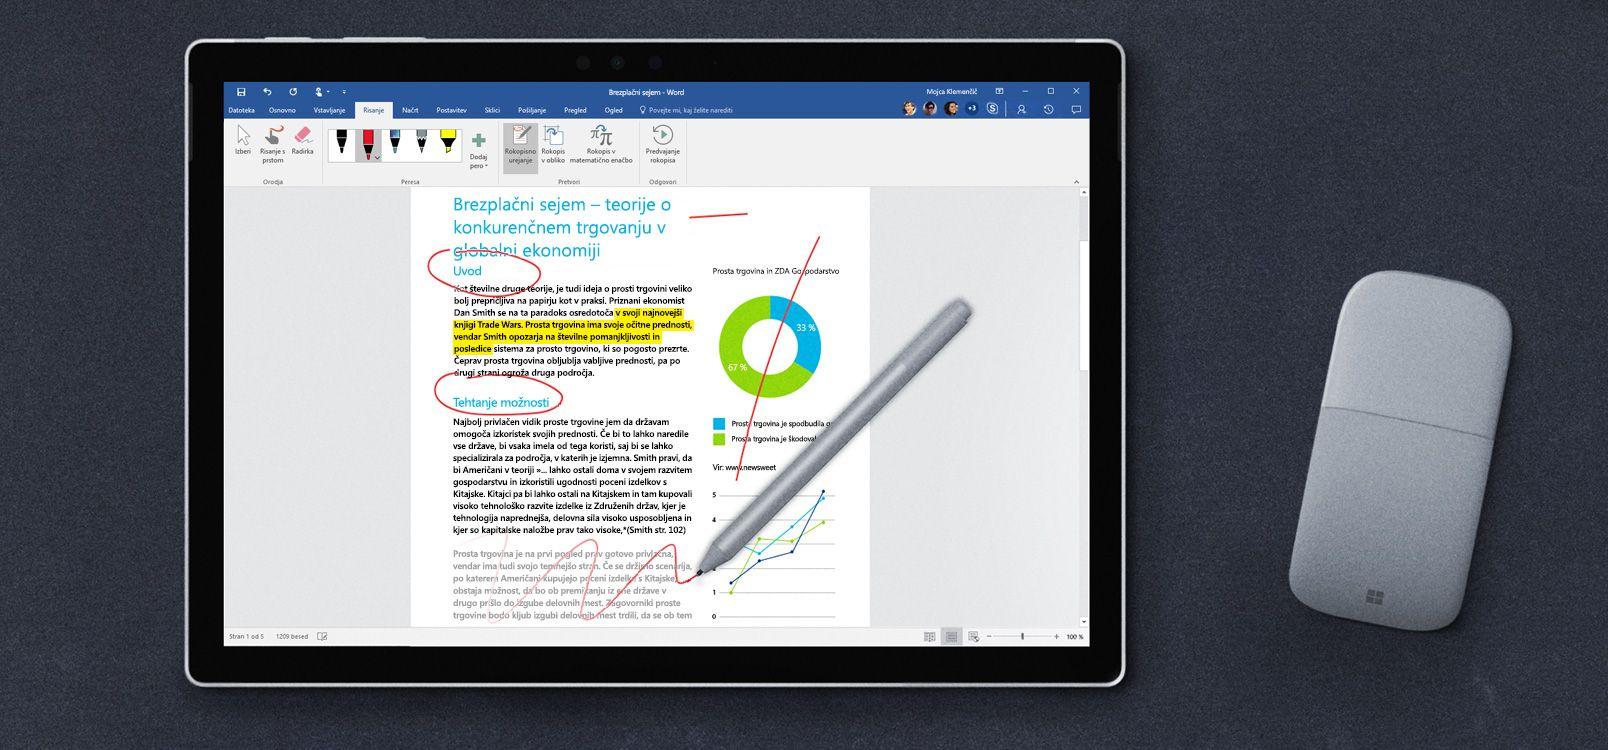 Zaslon tabličnega računalnika, ki prikazuje rokopisno urejanje